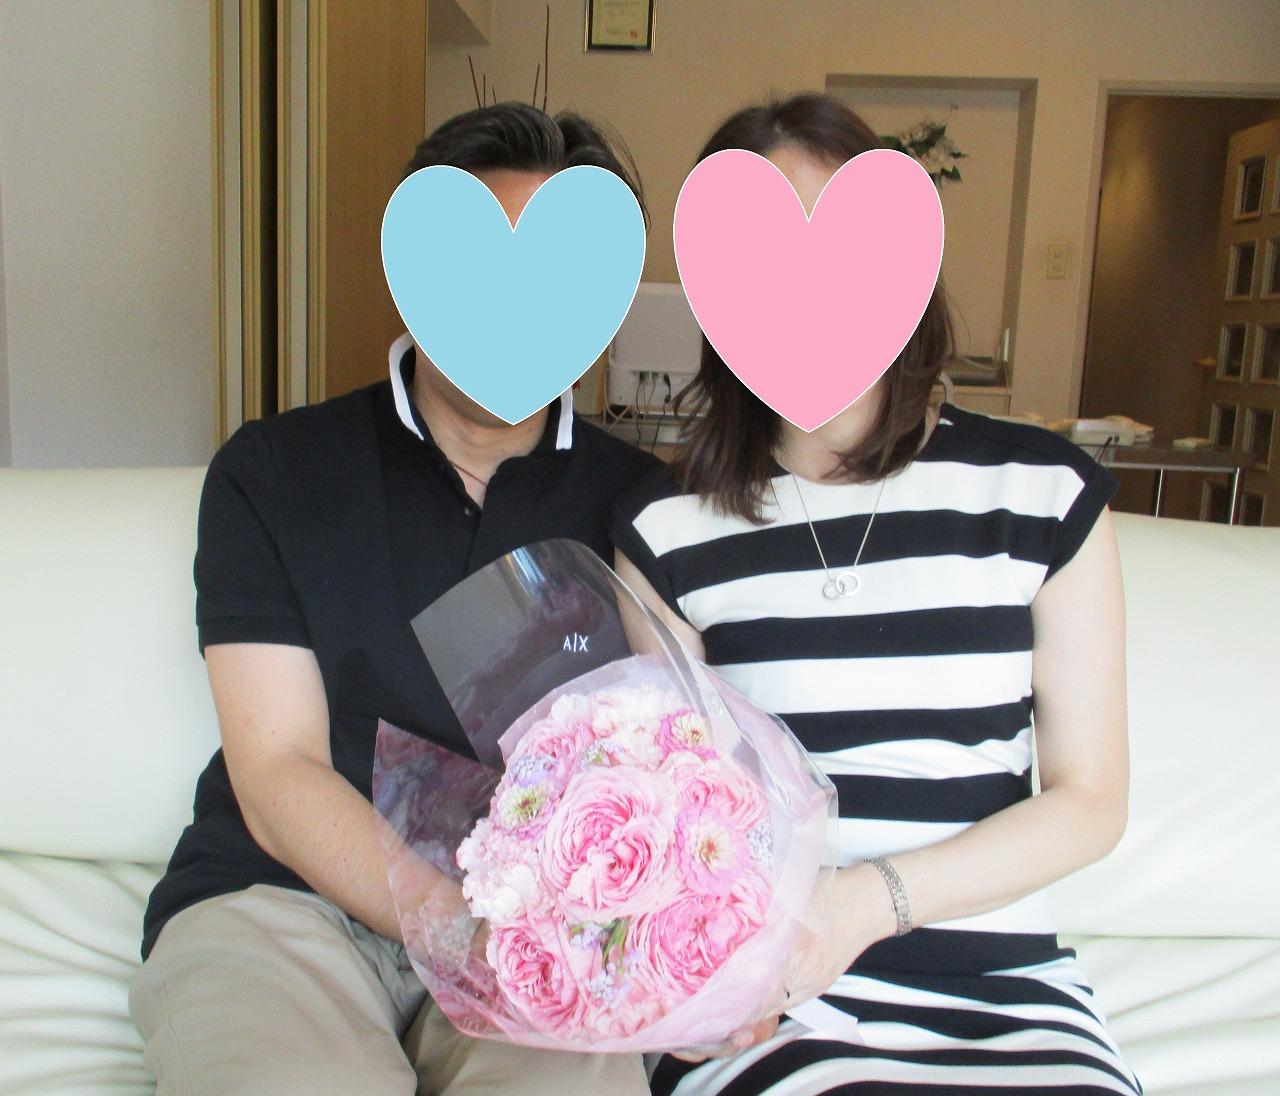 結婚はゴールではありません!一緒に生活するという事。